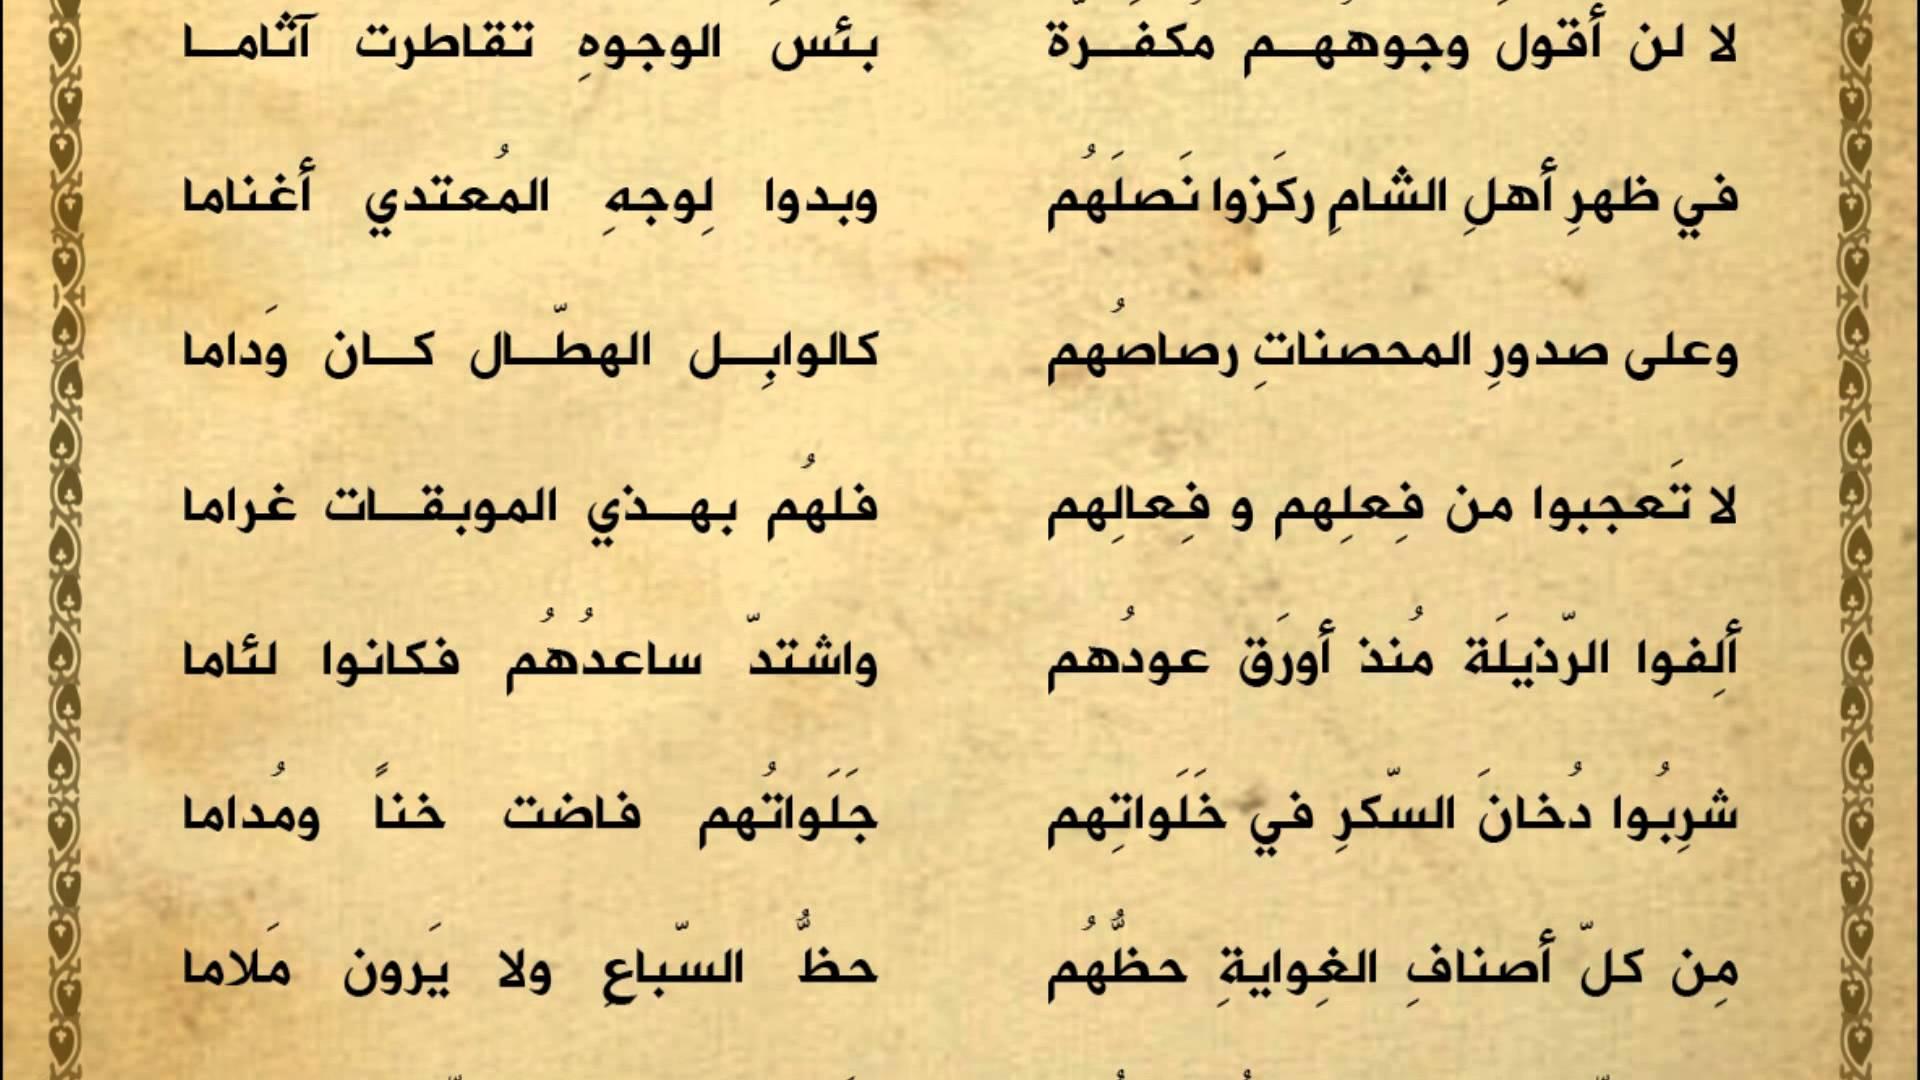 بالصور ابيات شعر قصيره حكم , شعر مثير يحتوى فى معانيه على حكم 5149 10